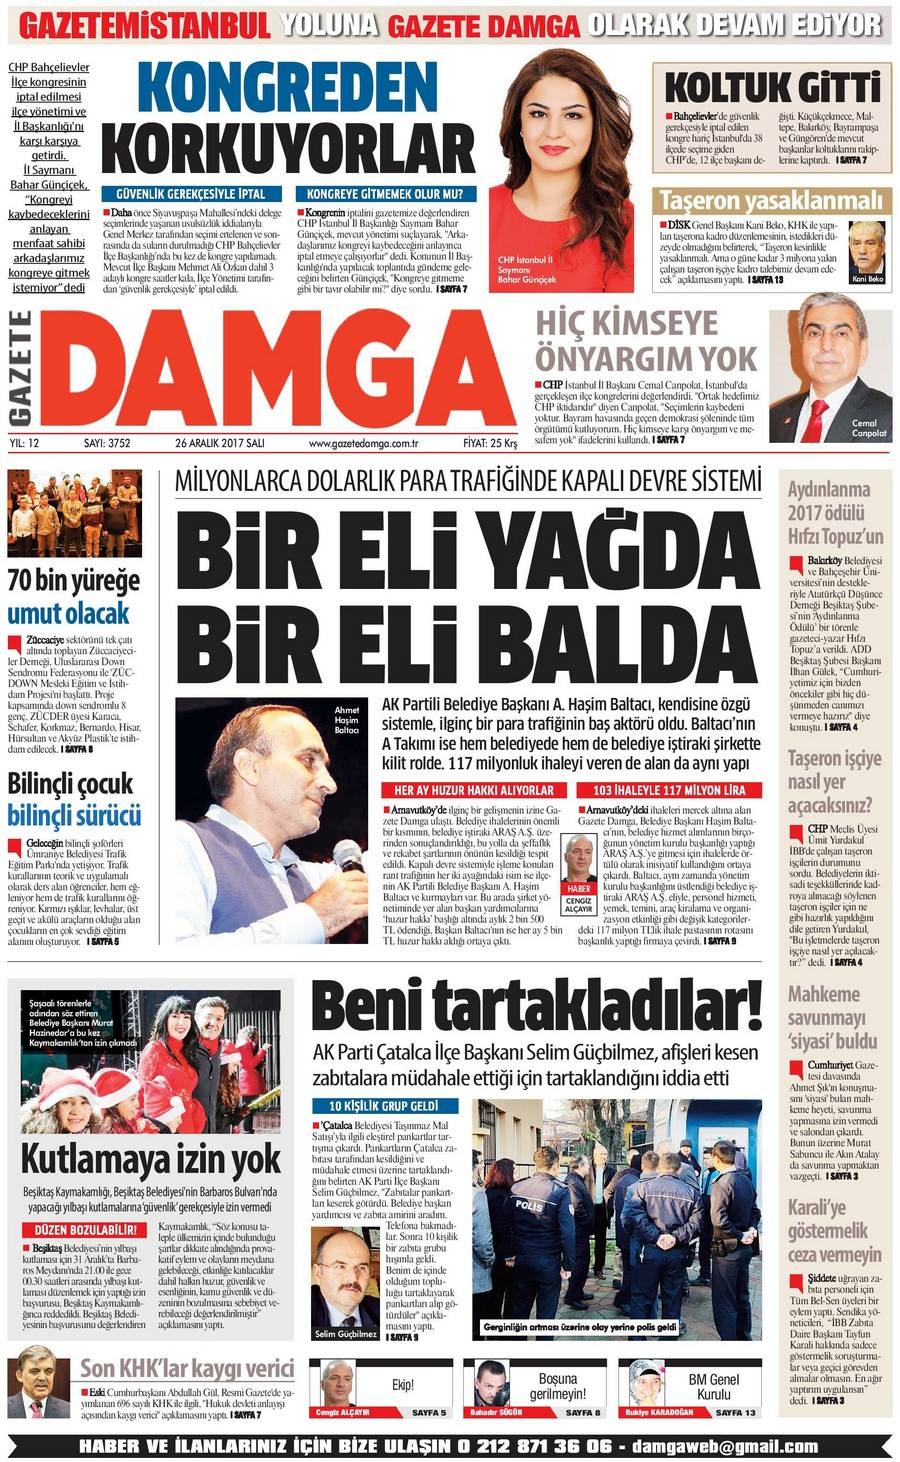 Gazete Damga - 26.12.2017 Manşeti